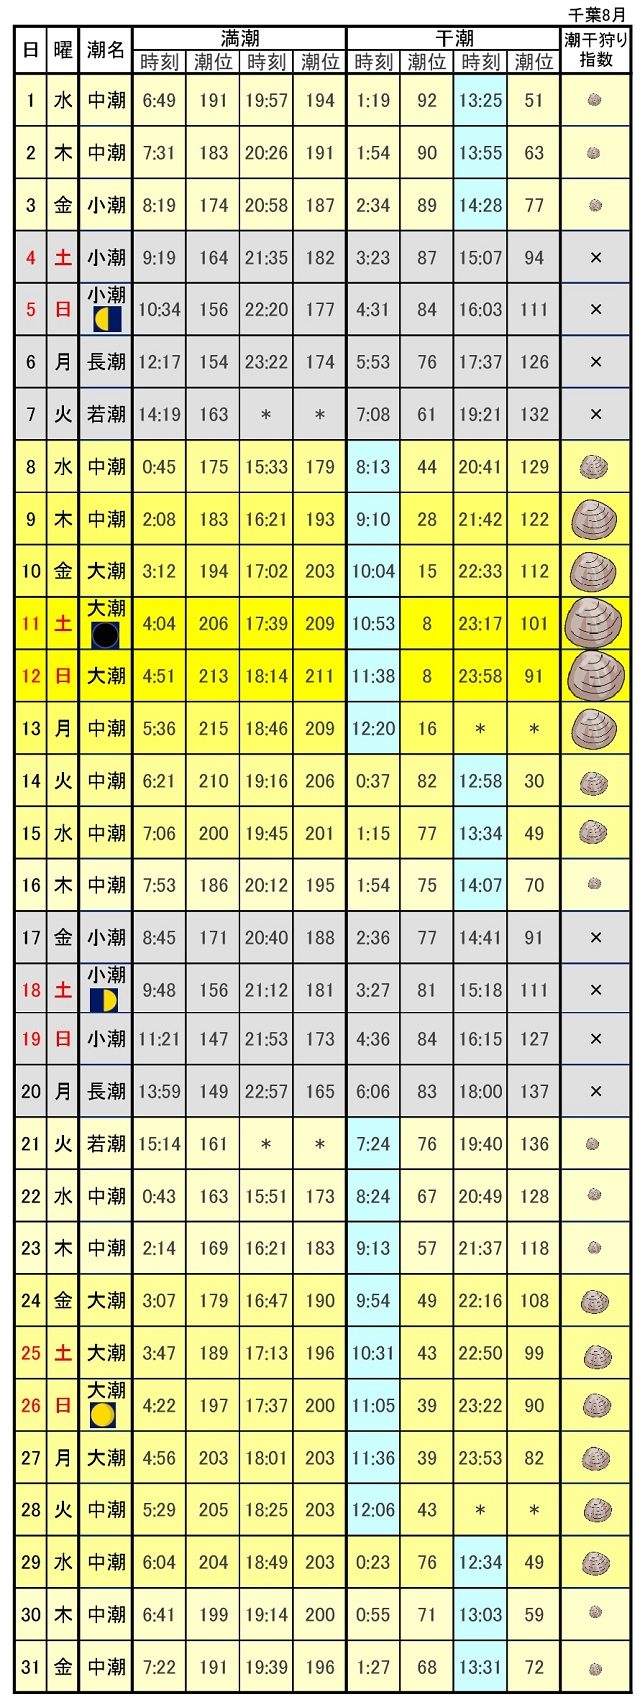 千葉県潮干狩りカレンダー2018年8月